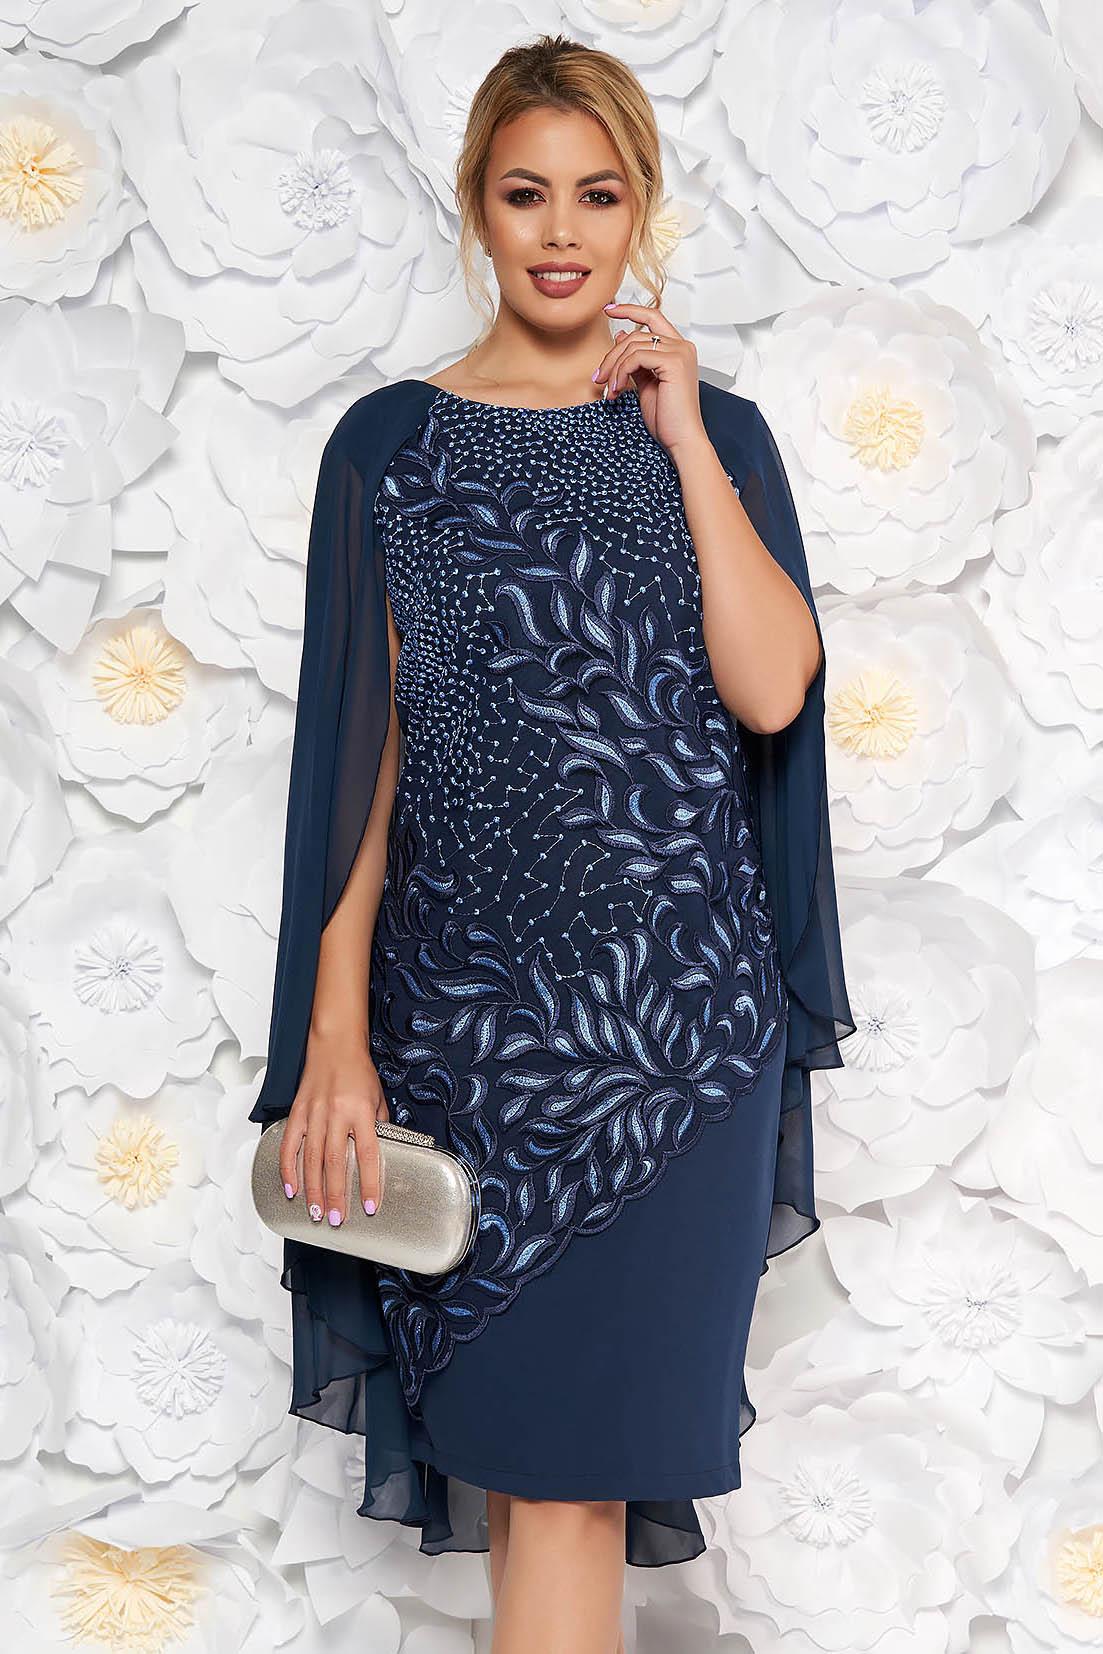 Rochie albastru-inchis midi cu un croi drept de ocazie din stofa subtire usor elastica suprapunere cu dantela si voal